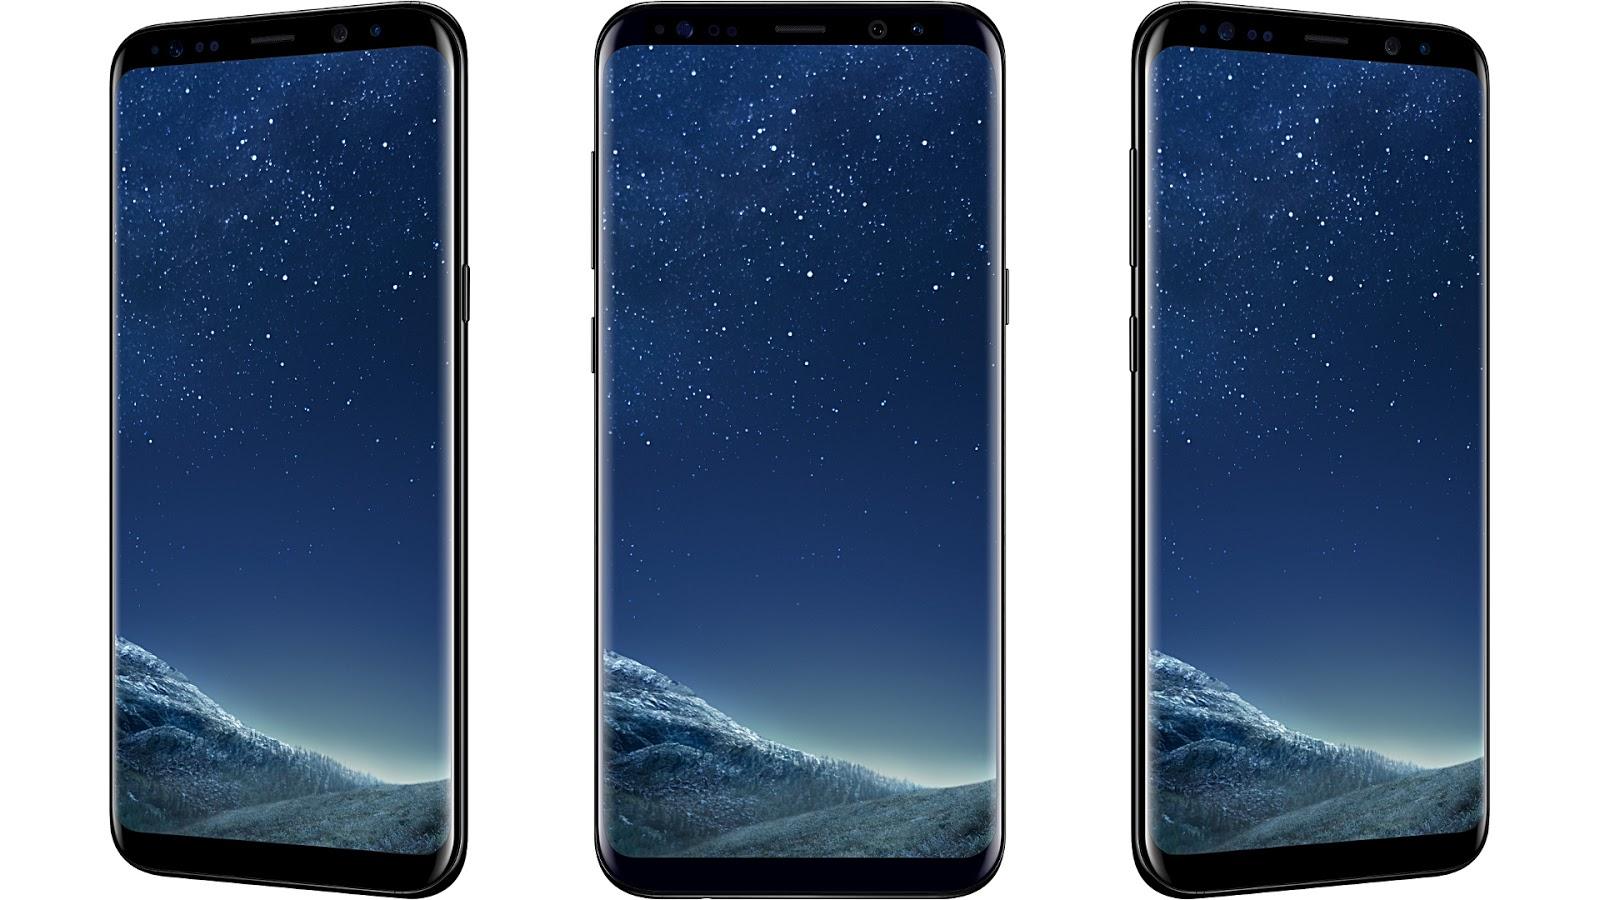 Samsung Galaxy S széria meghibásodások - Re-store